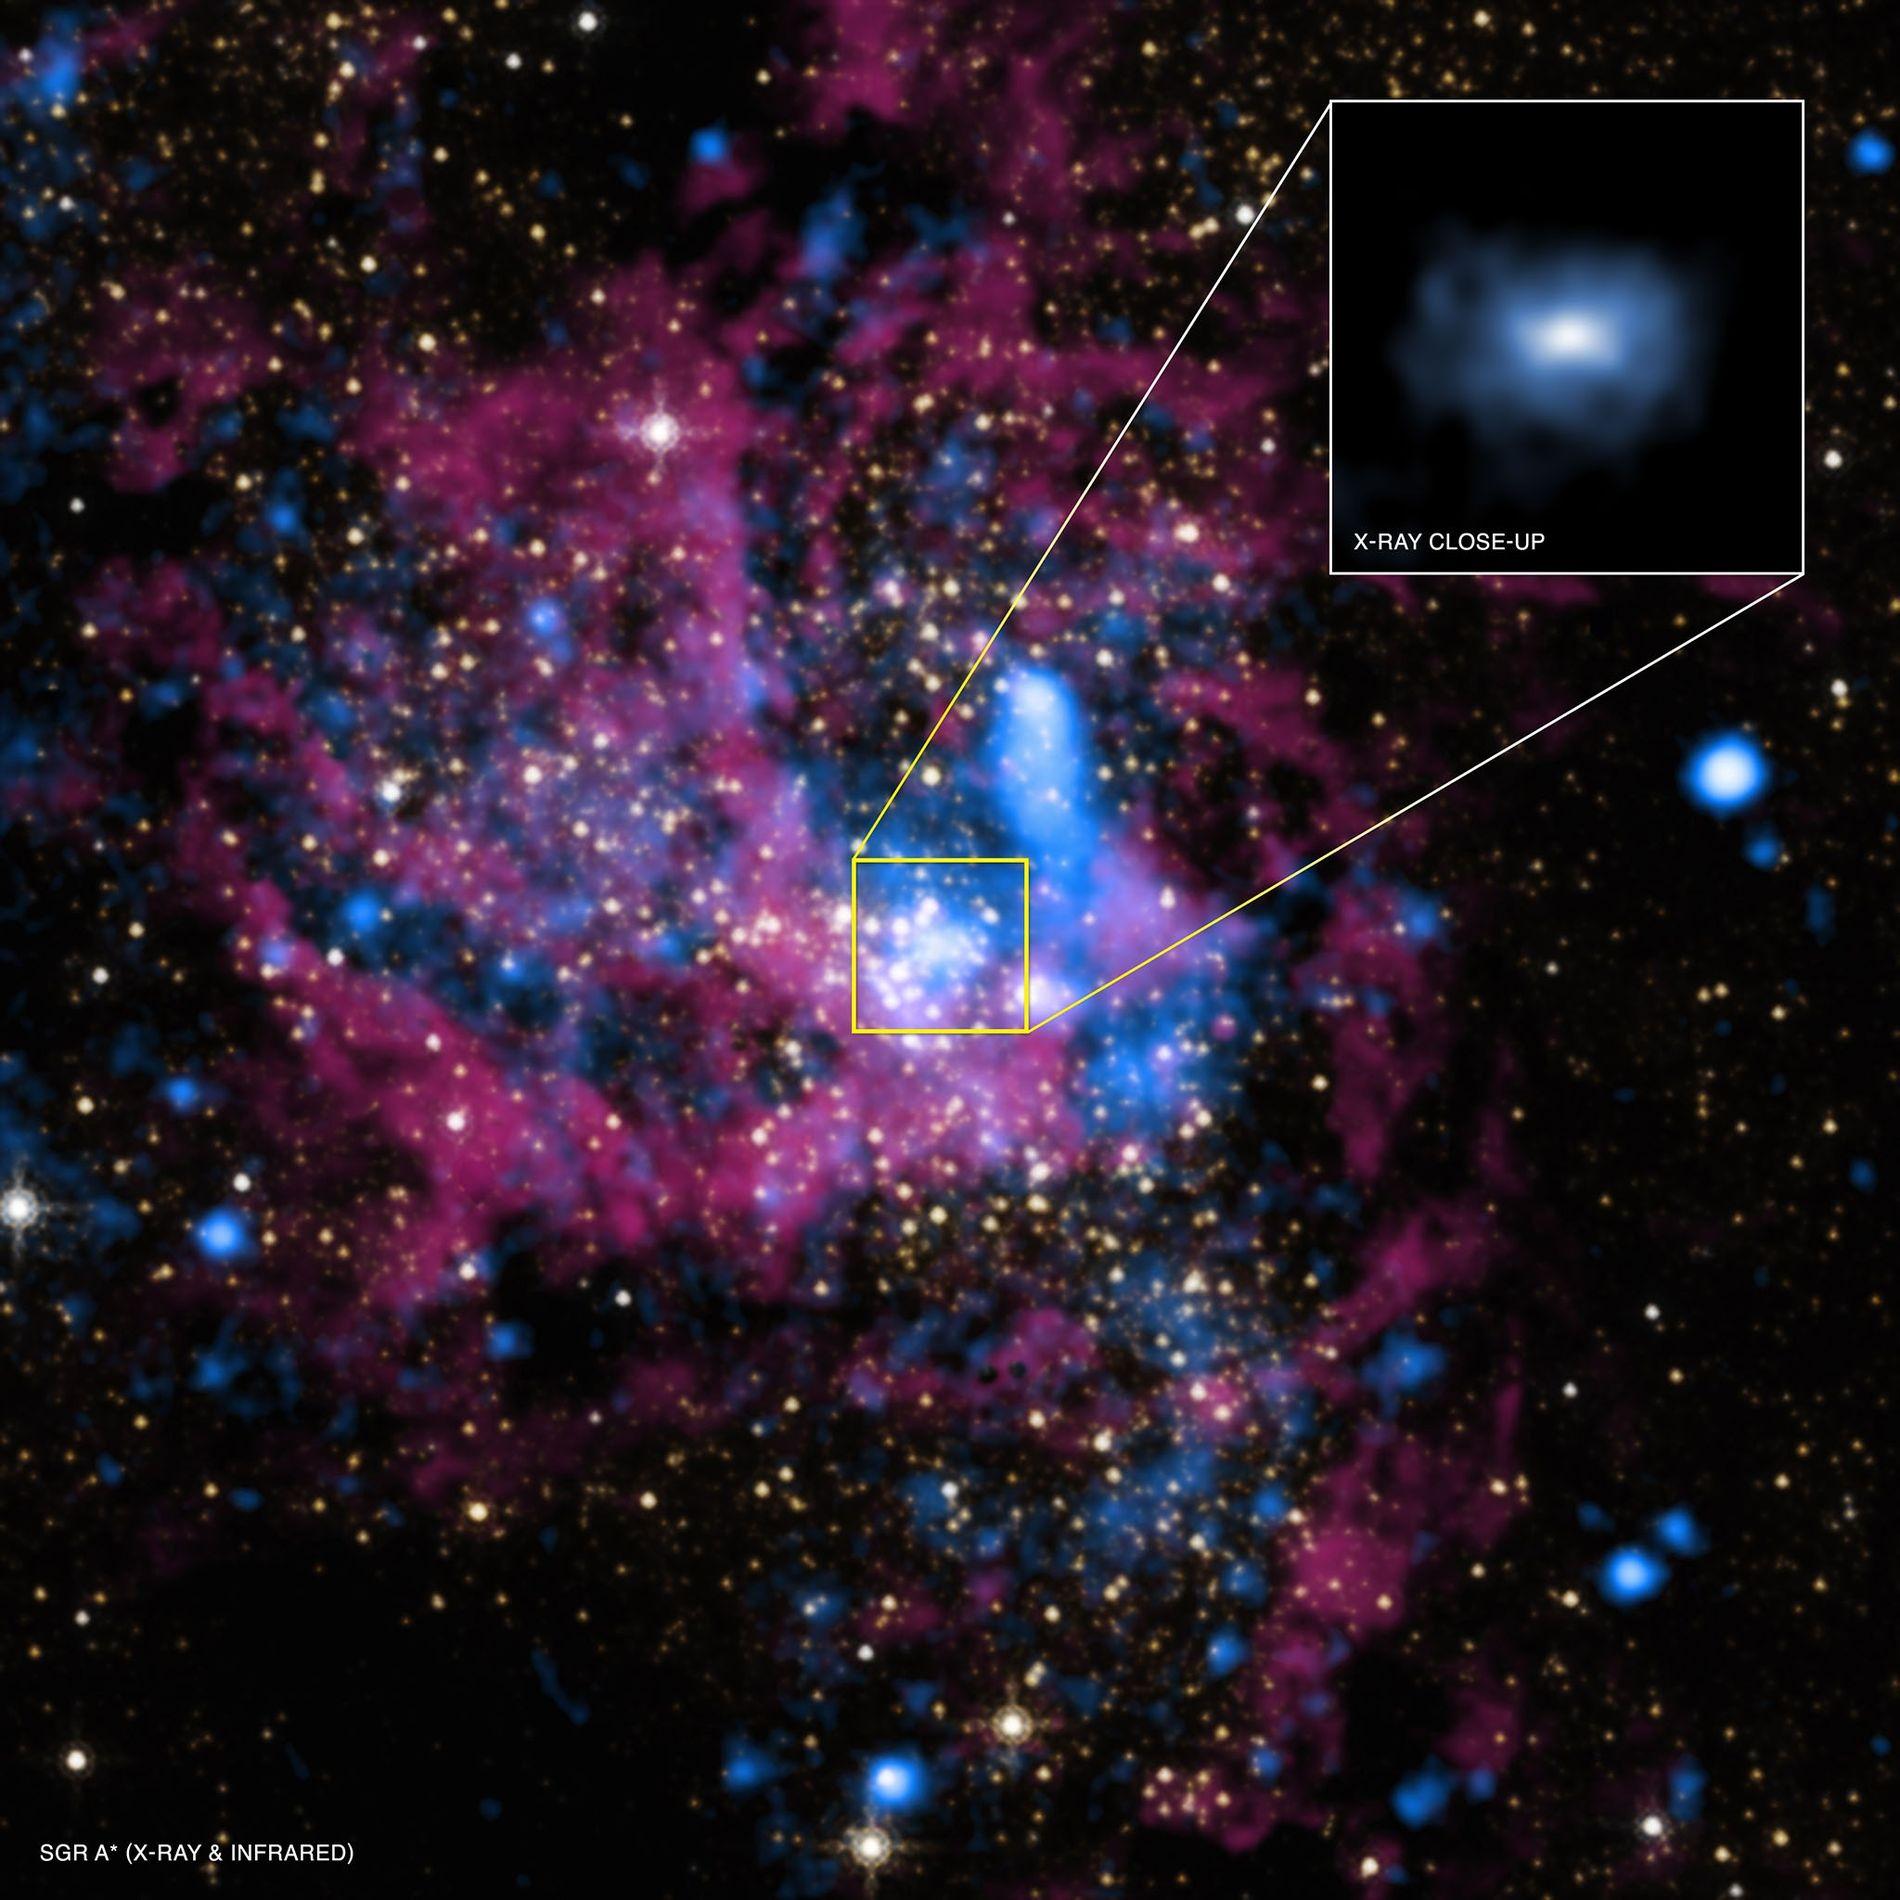 El centro de la Vía Láctea, con el agujero negro supermasivo llamado Sagitario A* (Sgr A*) ...